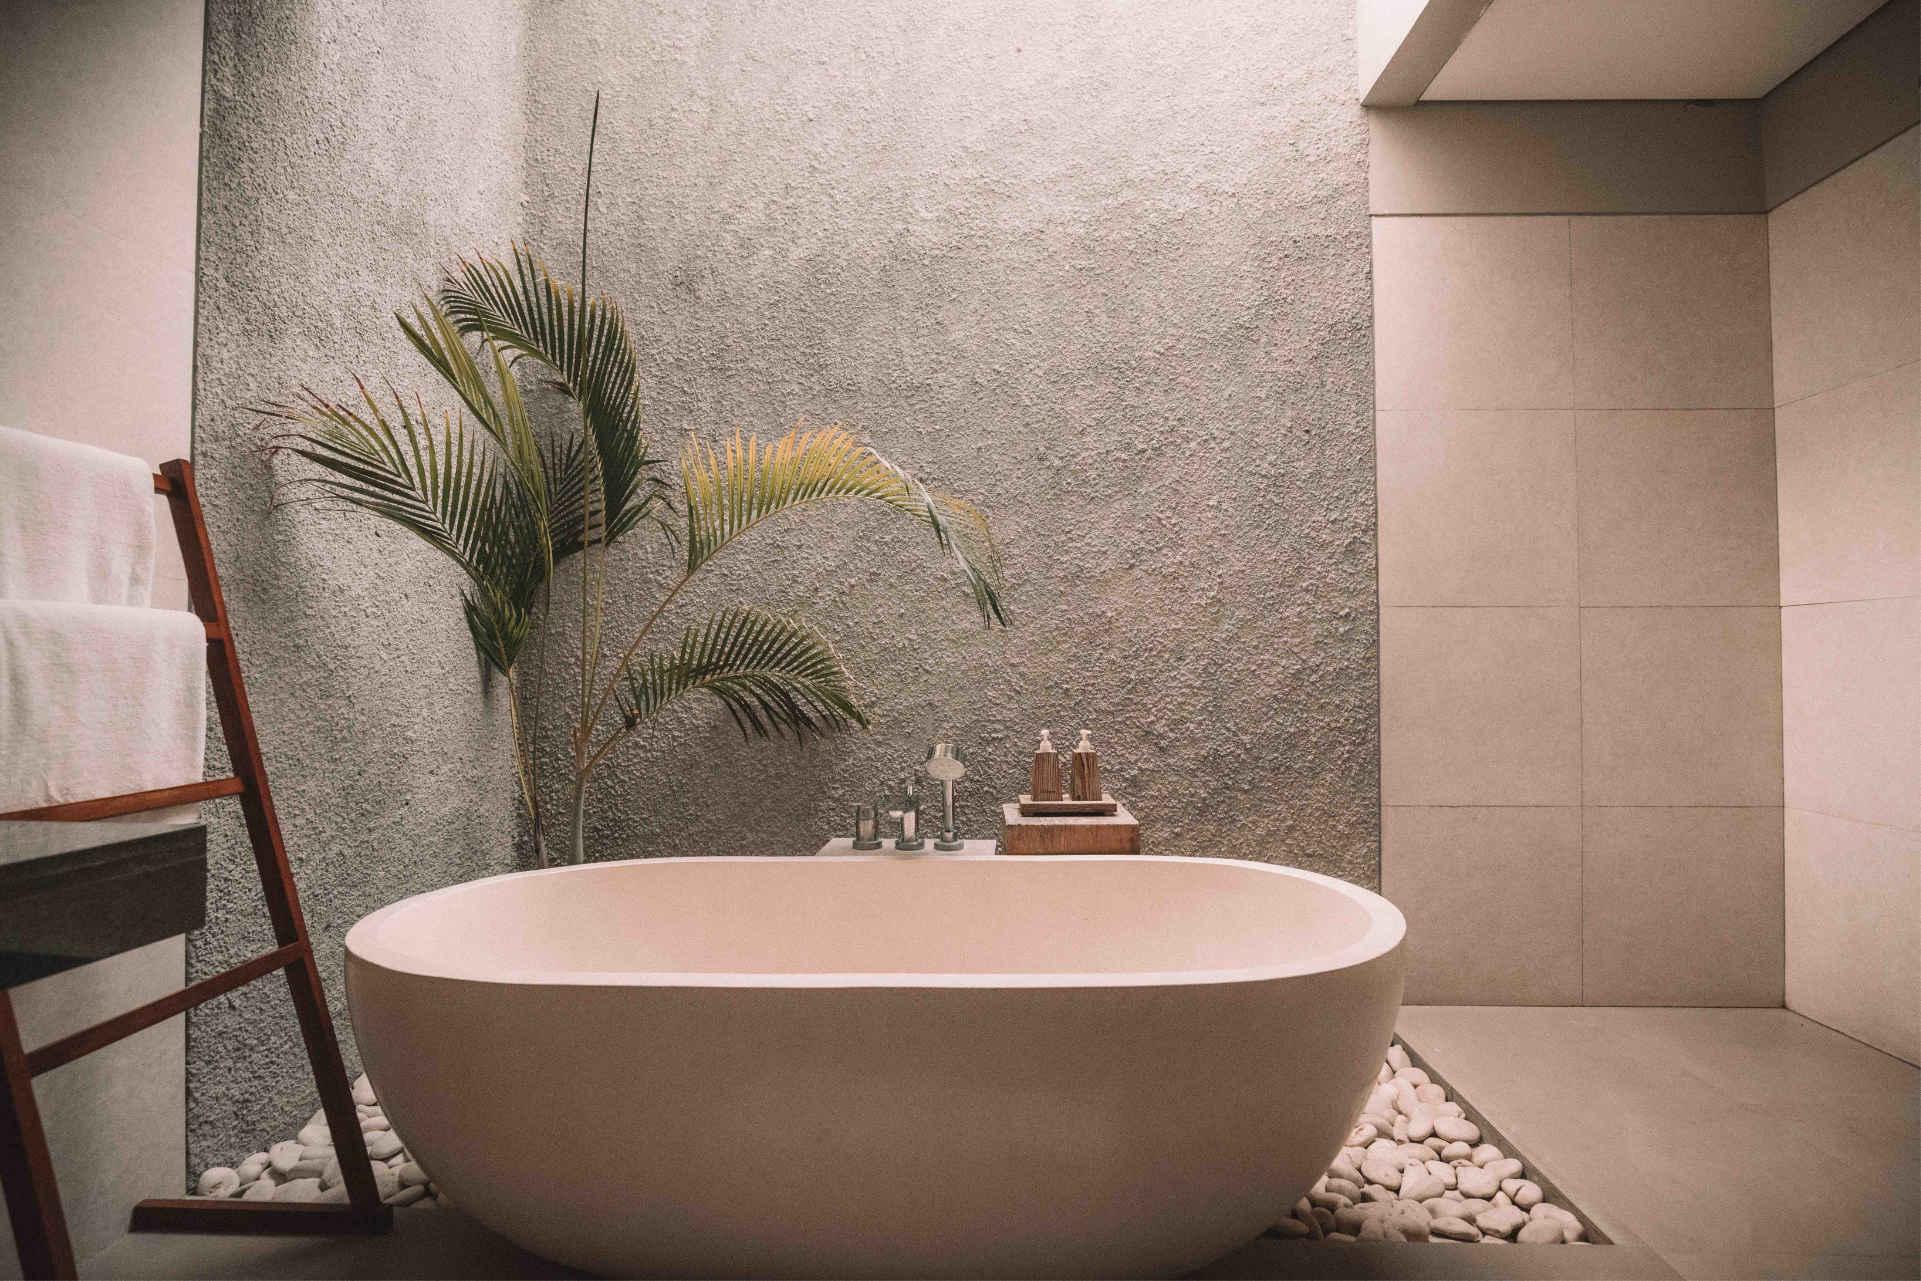 Rénovation de salle de bain - FO Multiservices